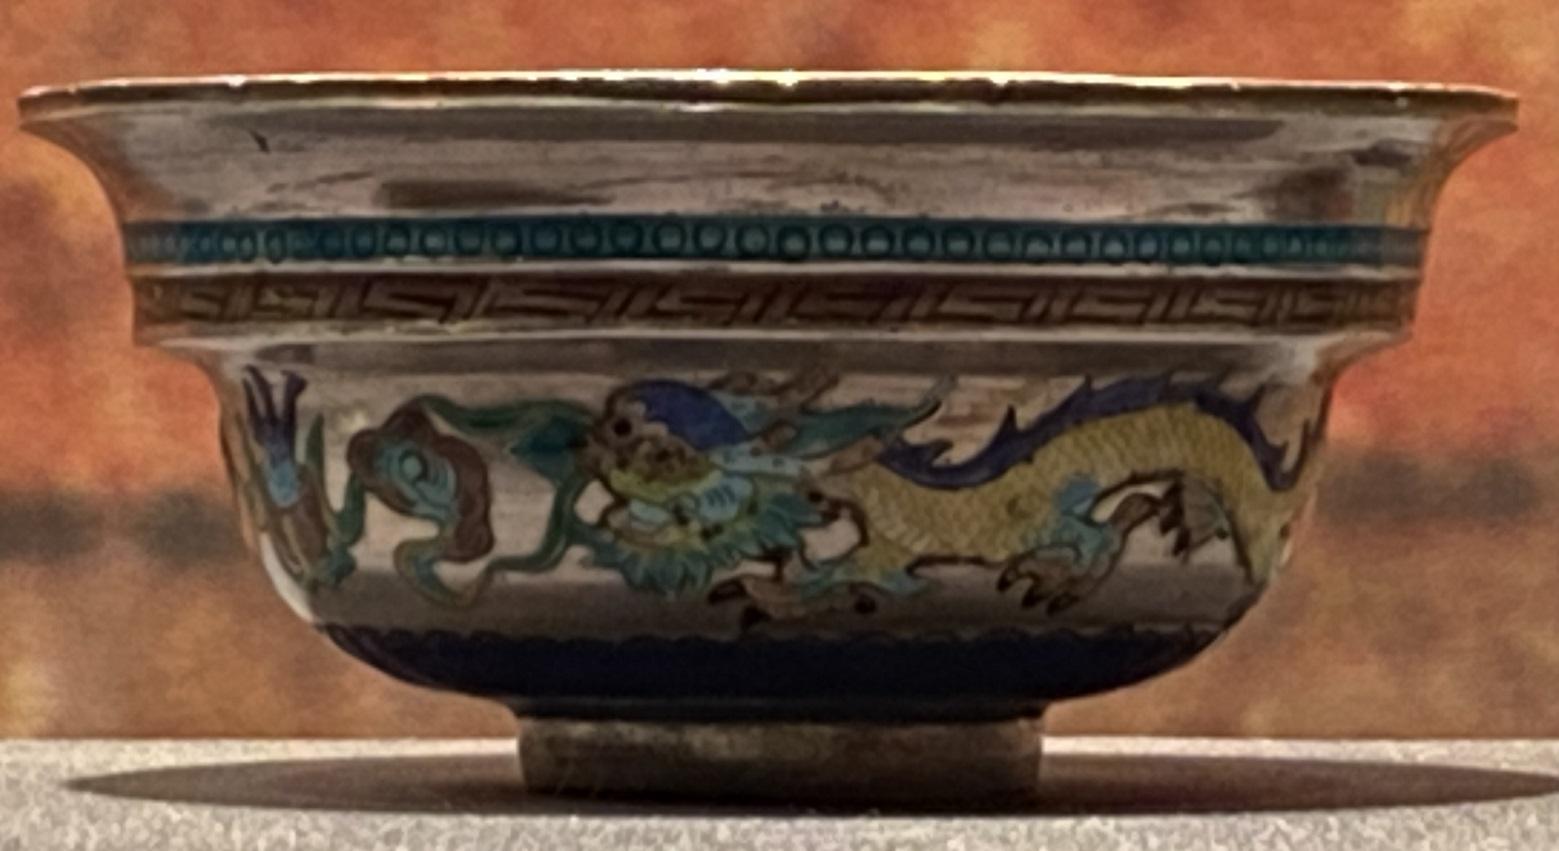 銀焼藍雲龍紋碗-特別展【七宝玲瓏-ヒマラヤからの芸術珍品】-金沙遺跡博物館-成都